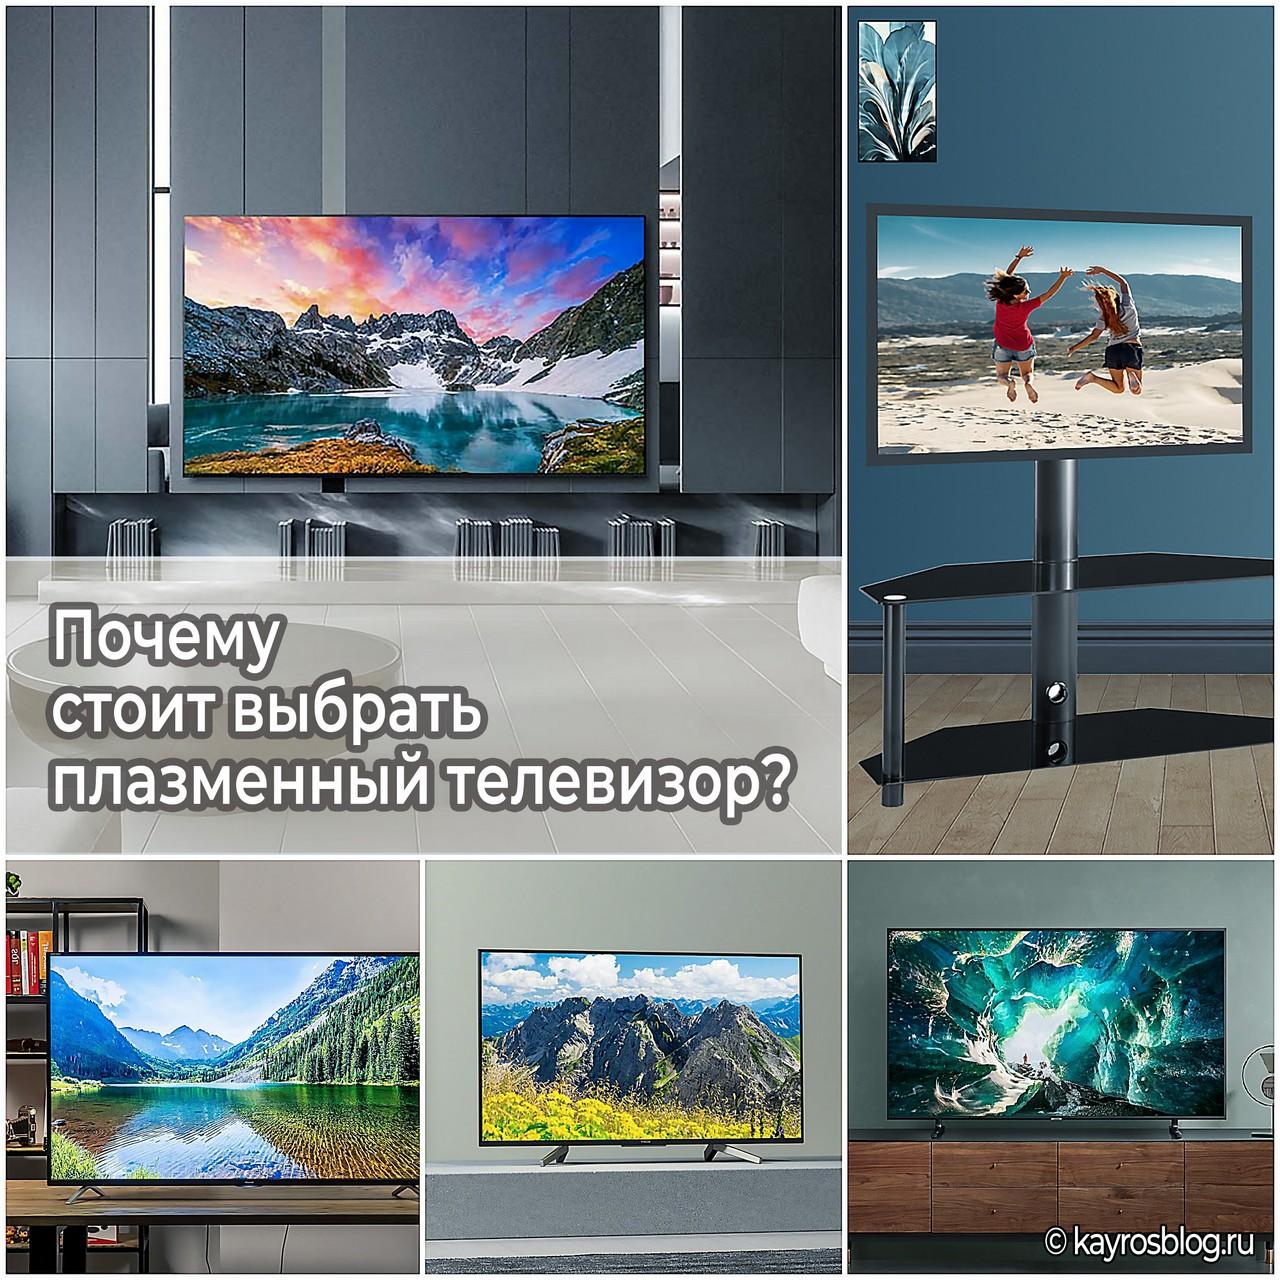 Почему стоит выбрать плазменный телевизор